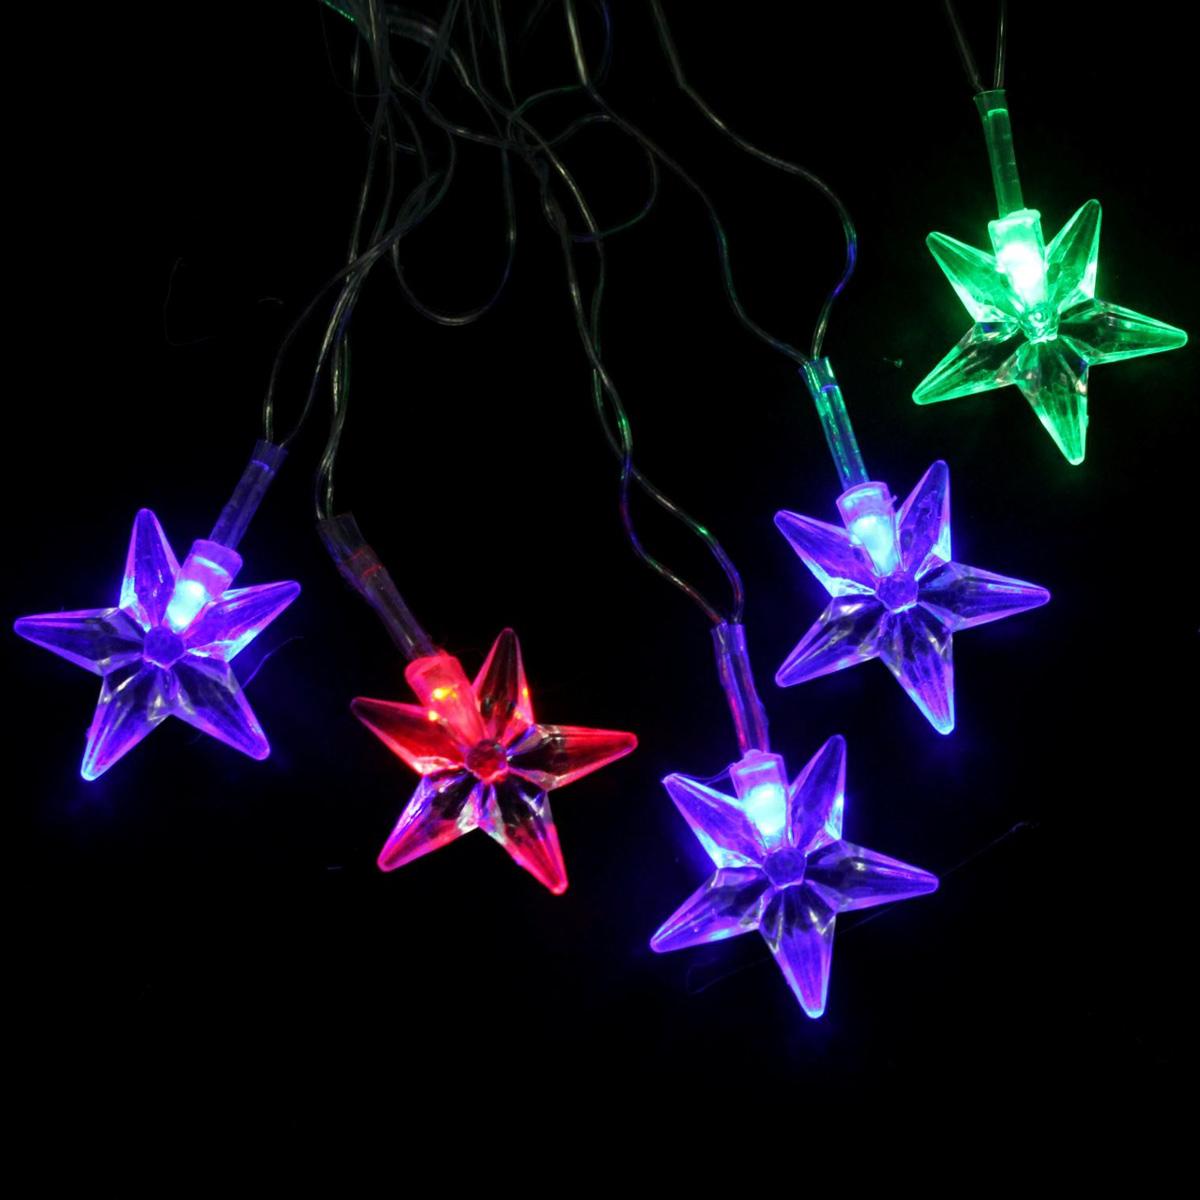 Гирлянда светодиодная Luazon Метраж. Звезда средняя, 20 ламп, 220 V, длина 5 м541535Светодиодные гирлянды и ленты — это отличный вариант для новогоднего оформления интерьера или фасада. С их помощью помещение любого размера можно превратить в праздничный зал, а внешние элементы зданий, украшенные ими, мгновенно станут напоминать очертания сказочного дворца. Такие украшения создают ауру предвкушения чуда. Деревья, фасады, витрины, окна и арки будто специально созданы, чтобы вы украсили их светящимися нитями.